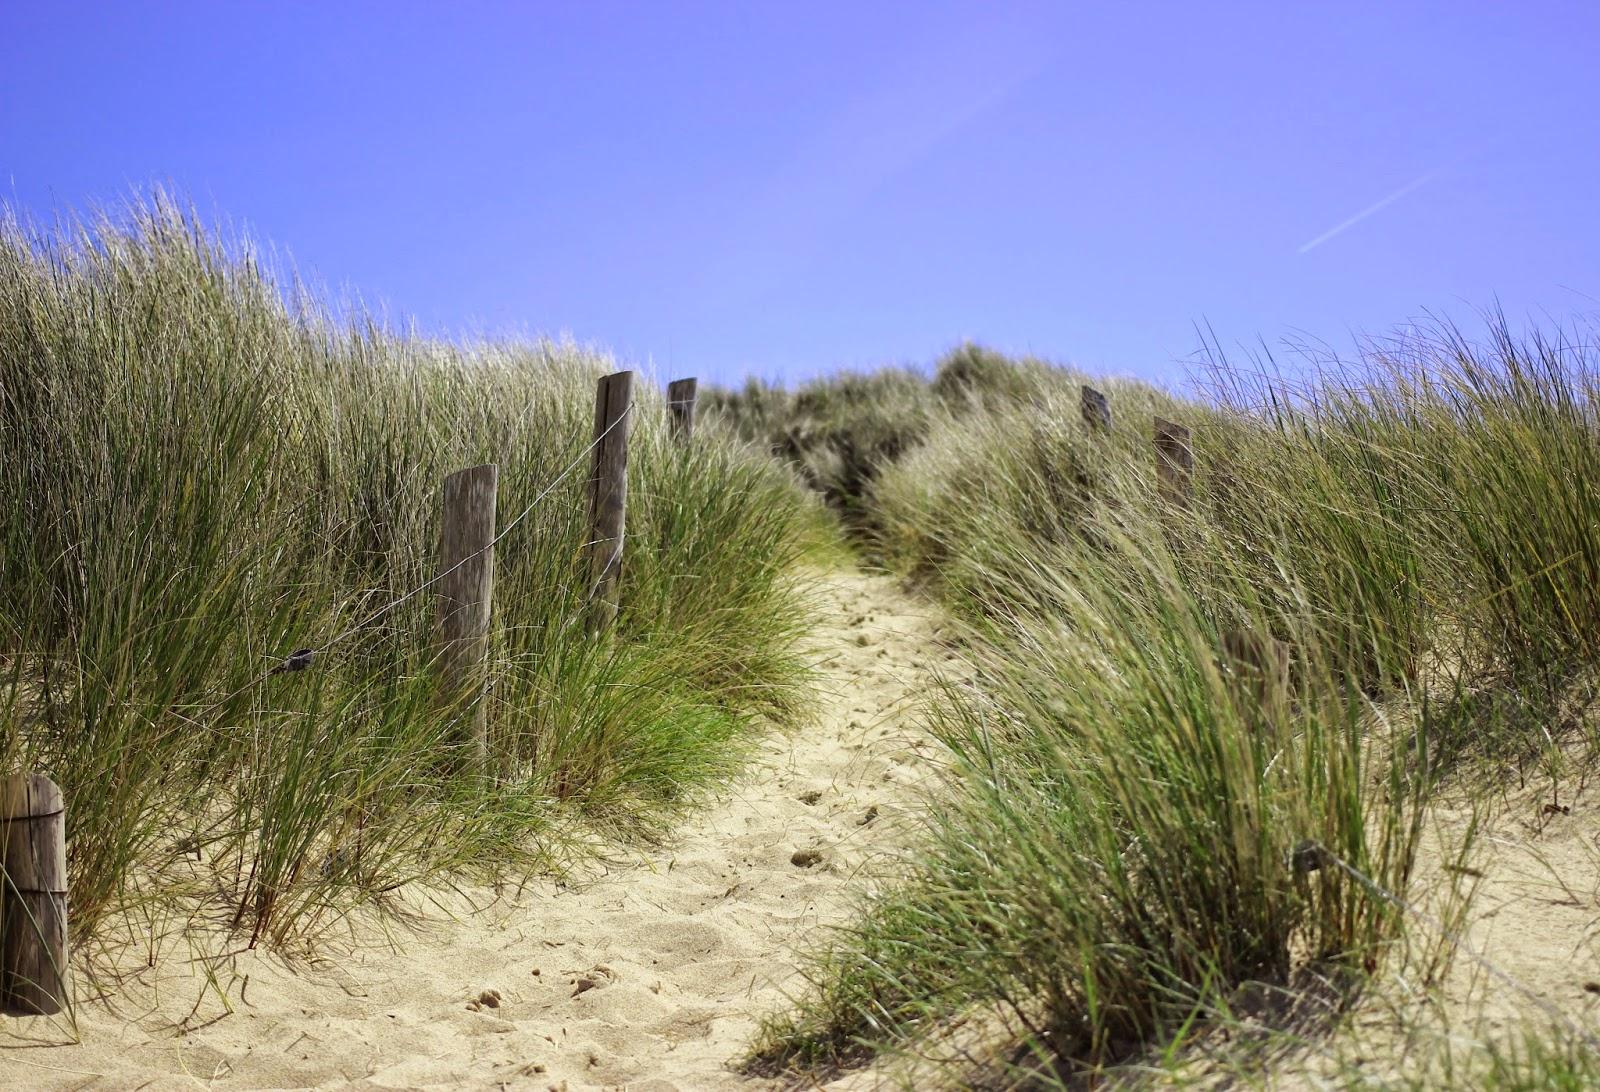 Chemin d'accès à la plage des chevrets - Voyage à Saint Malo - Bretagne - France